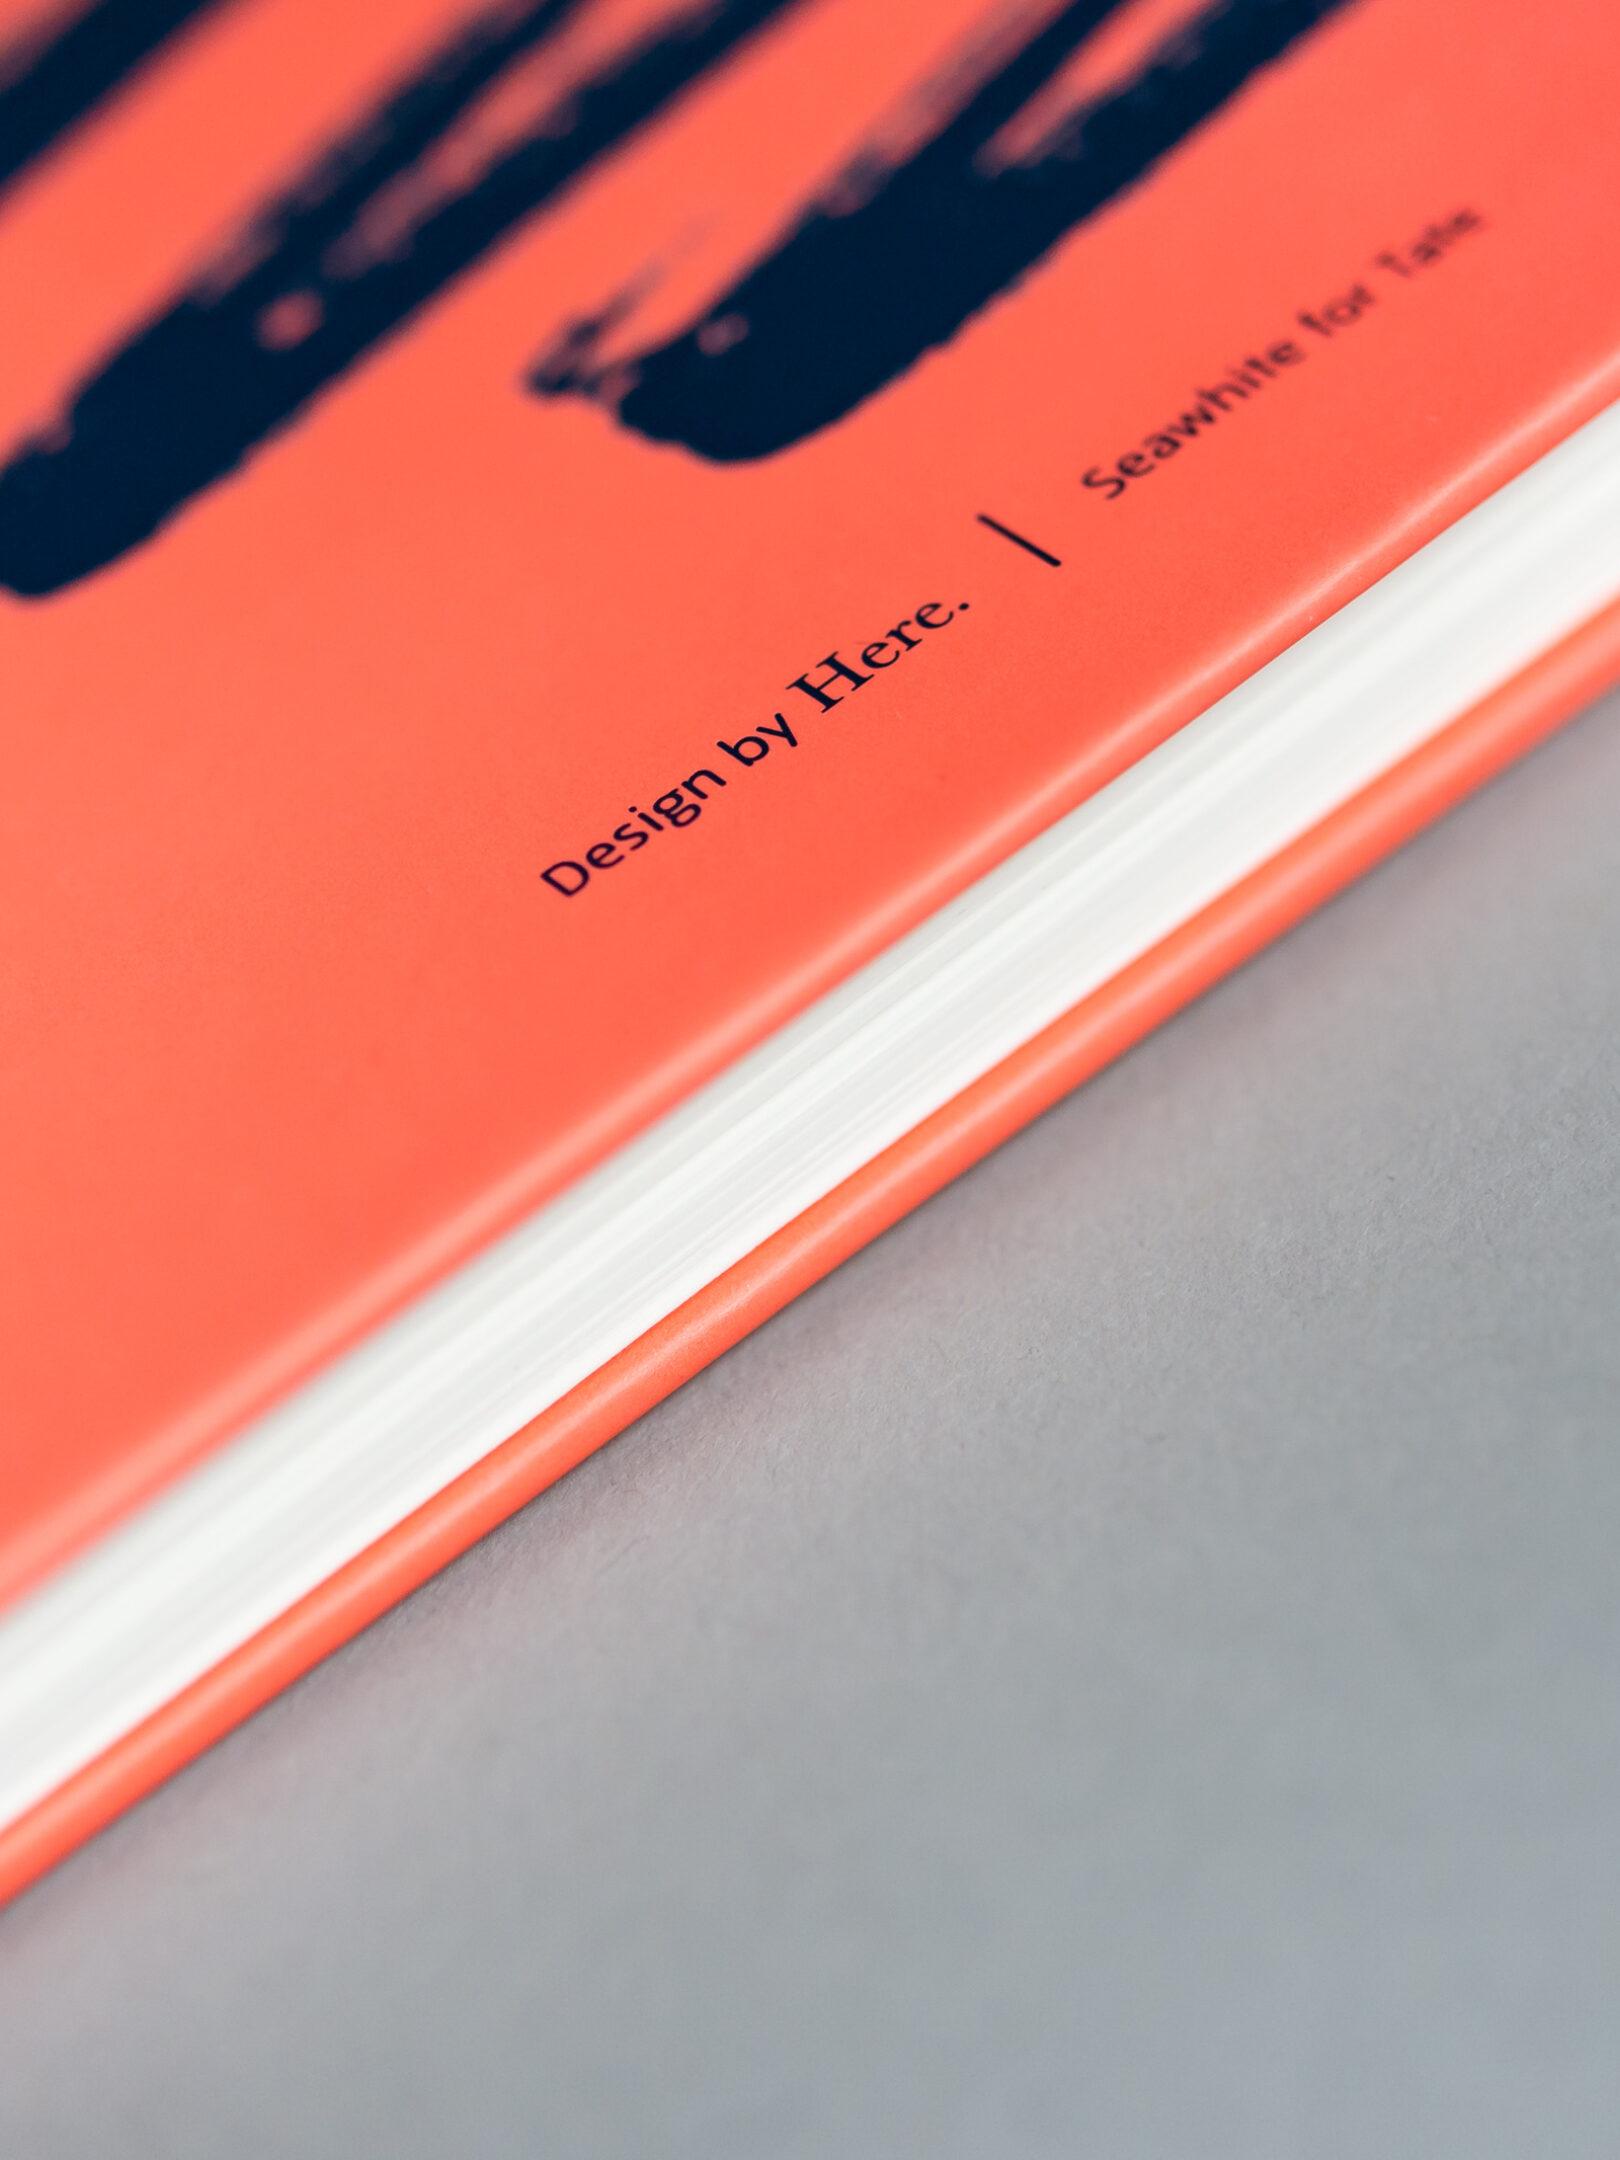 Tate art materials N7